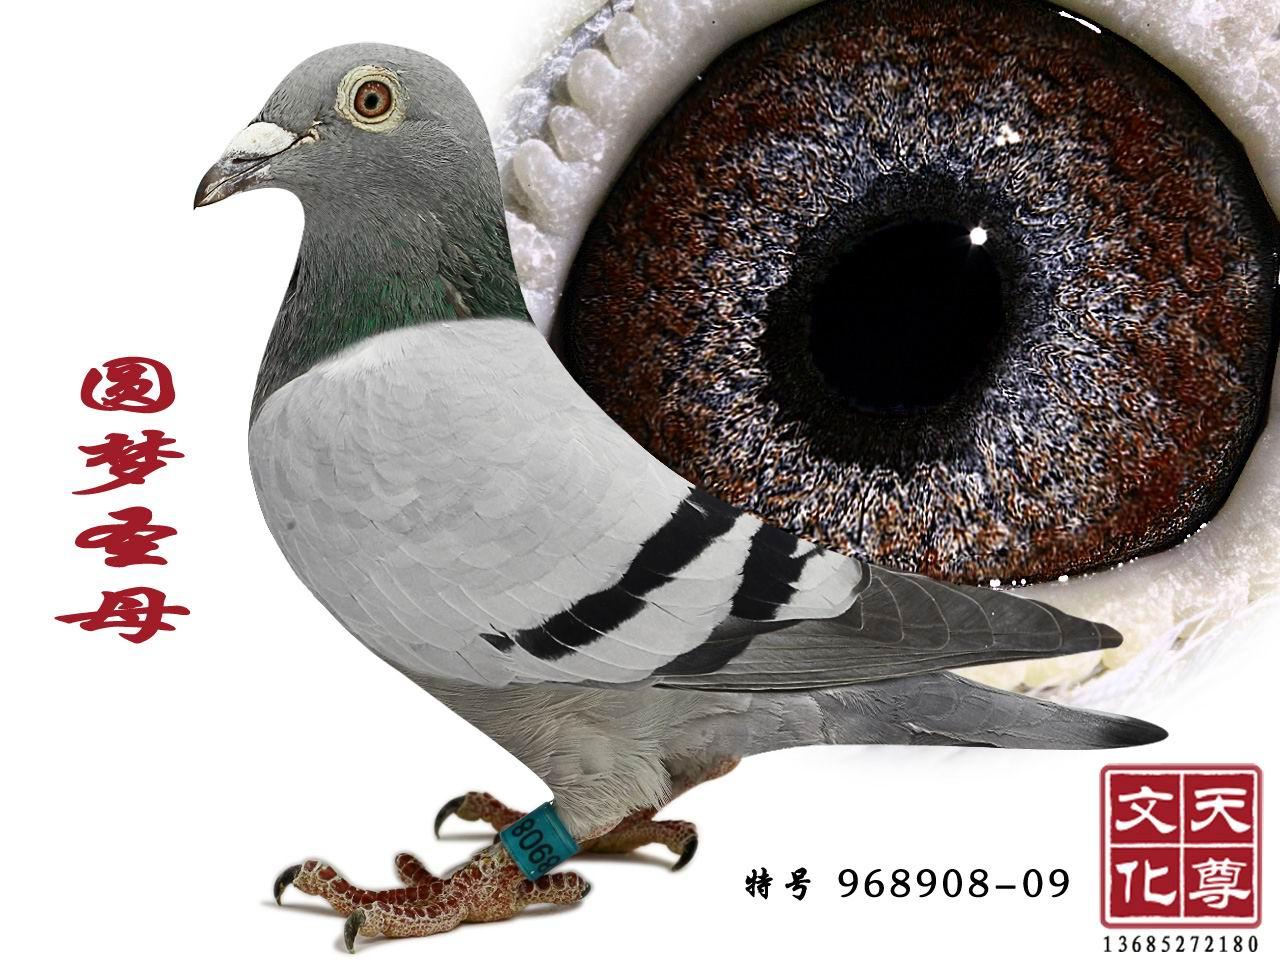 该鸽辈份极高,一双犀利的眼睛结构,一旦拥有他会帮你出一大堆的好鸽子